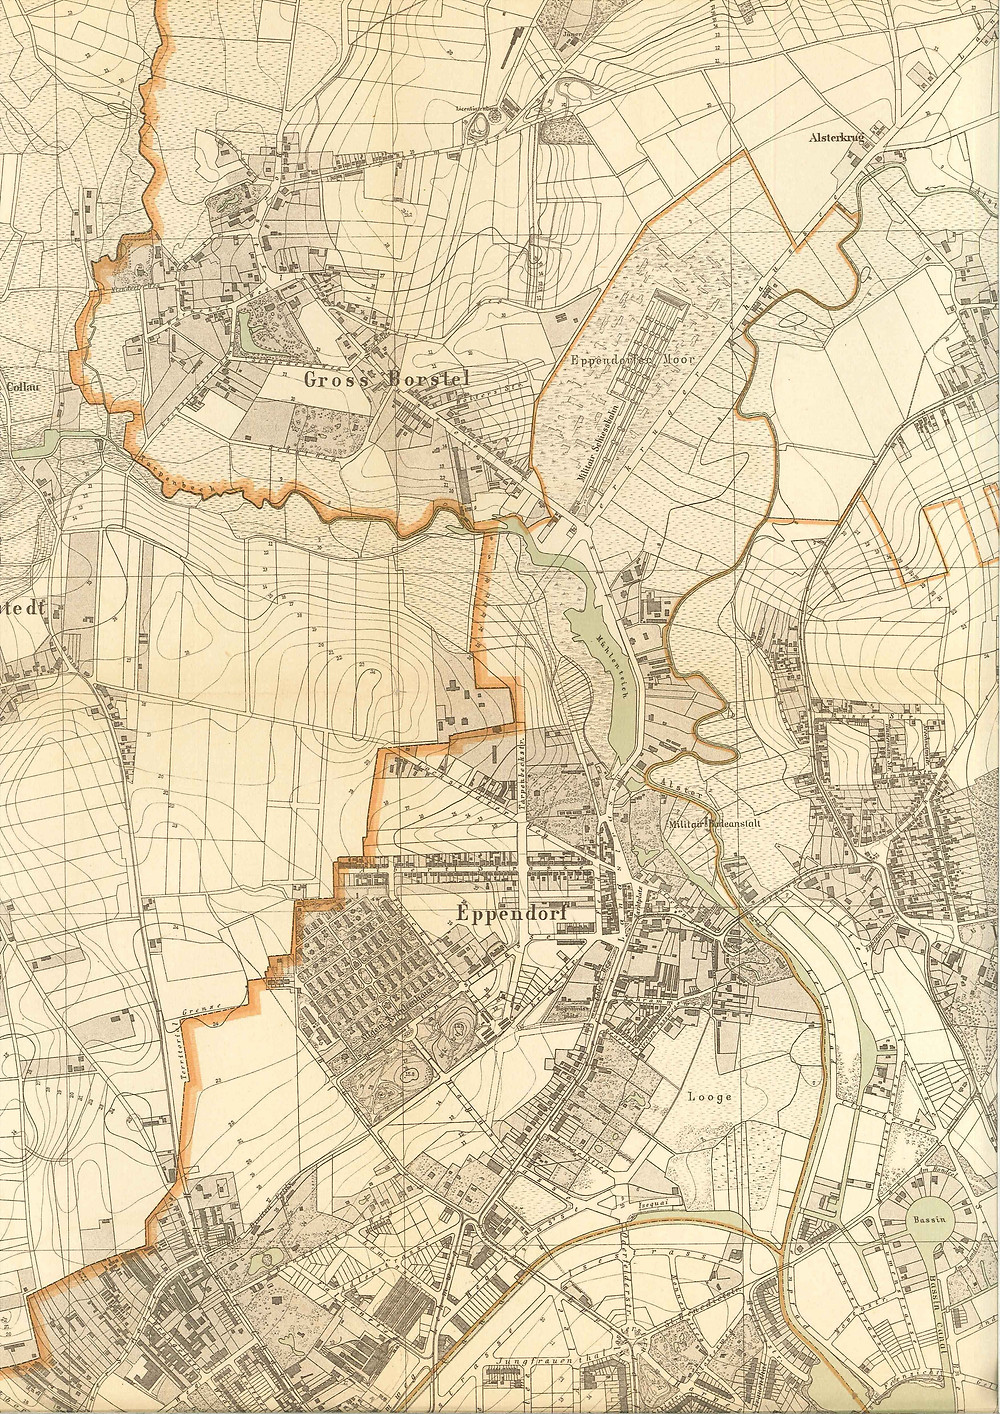 (1) Eppendorf März 1895 © Vermessungsamt der Baudeputation